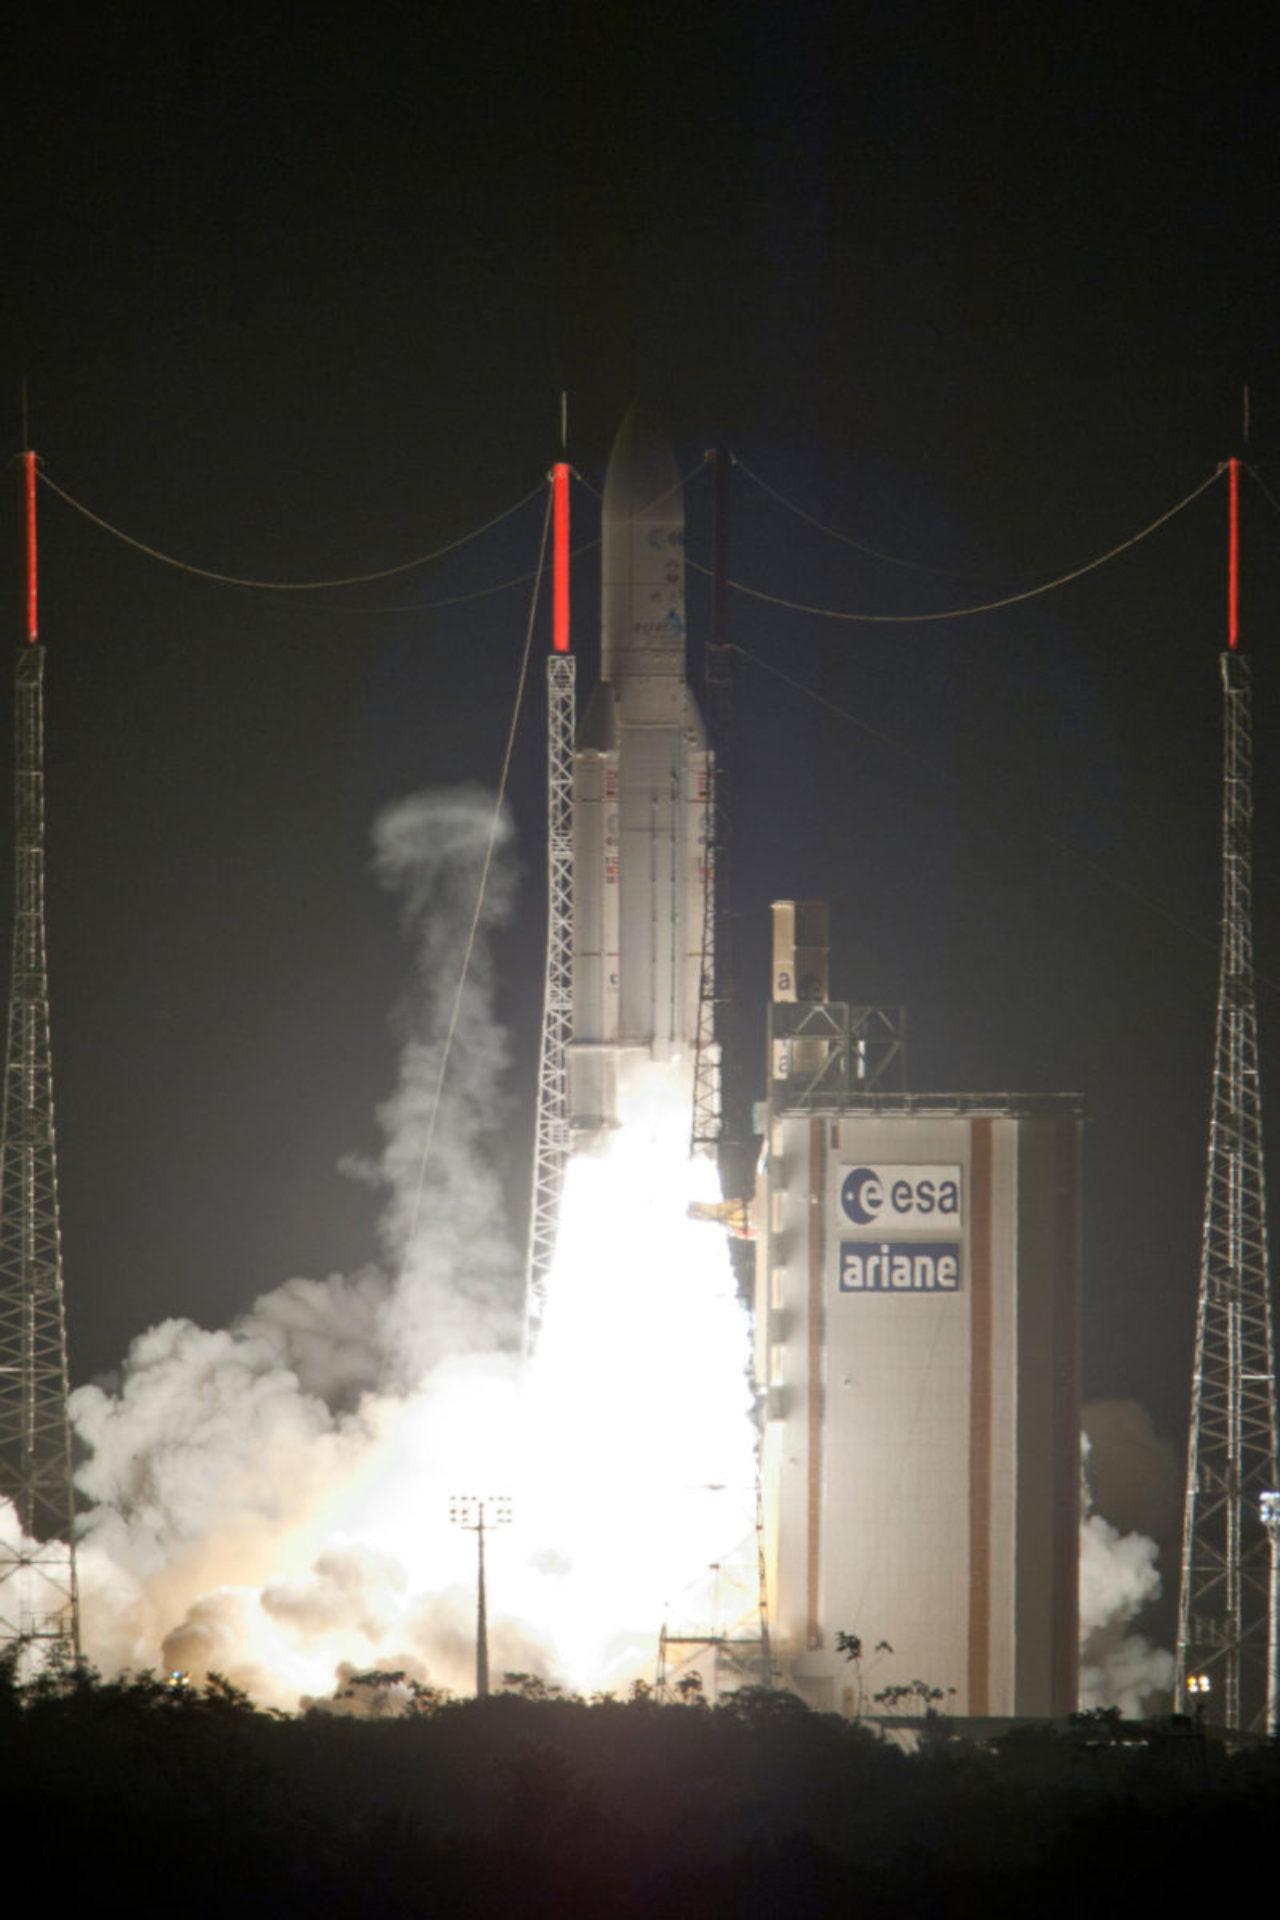 """Das ATV """"Albert Einstein"""" war der vierte einer Serie von fünf unbemannten Raumtransportern (Automated Transfer Vehicles) für die ISS. © Arianespace"""